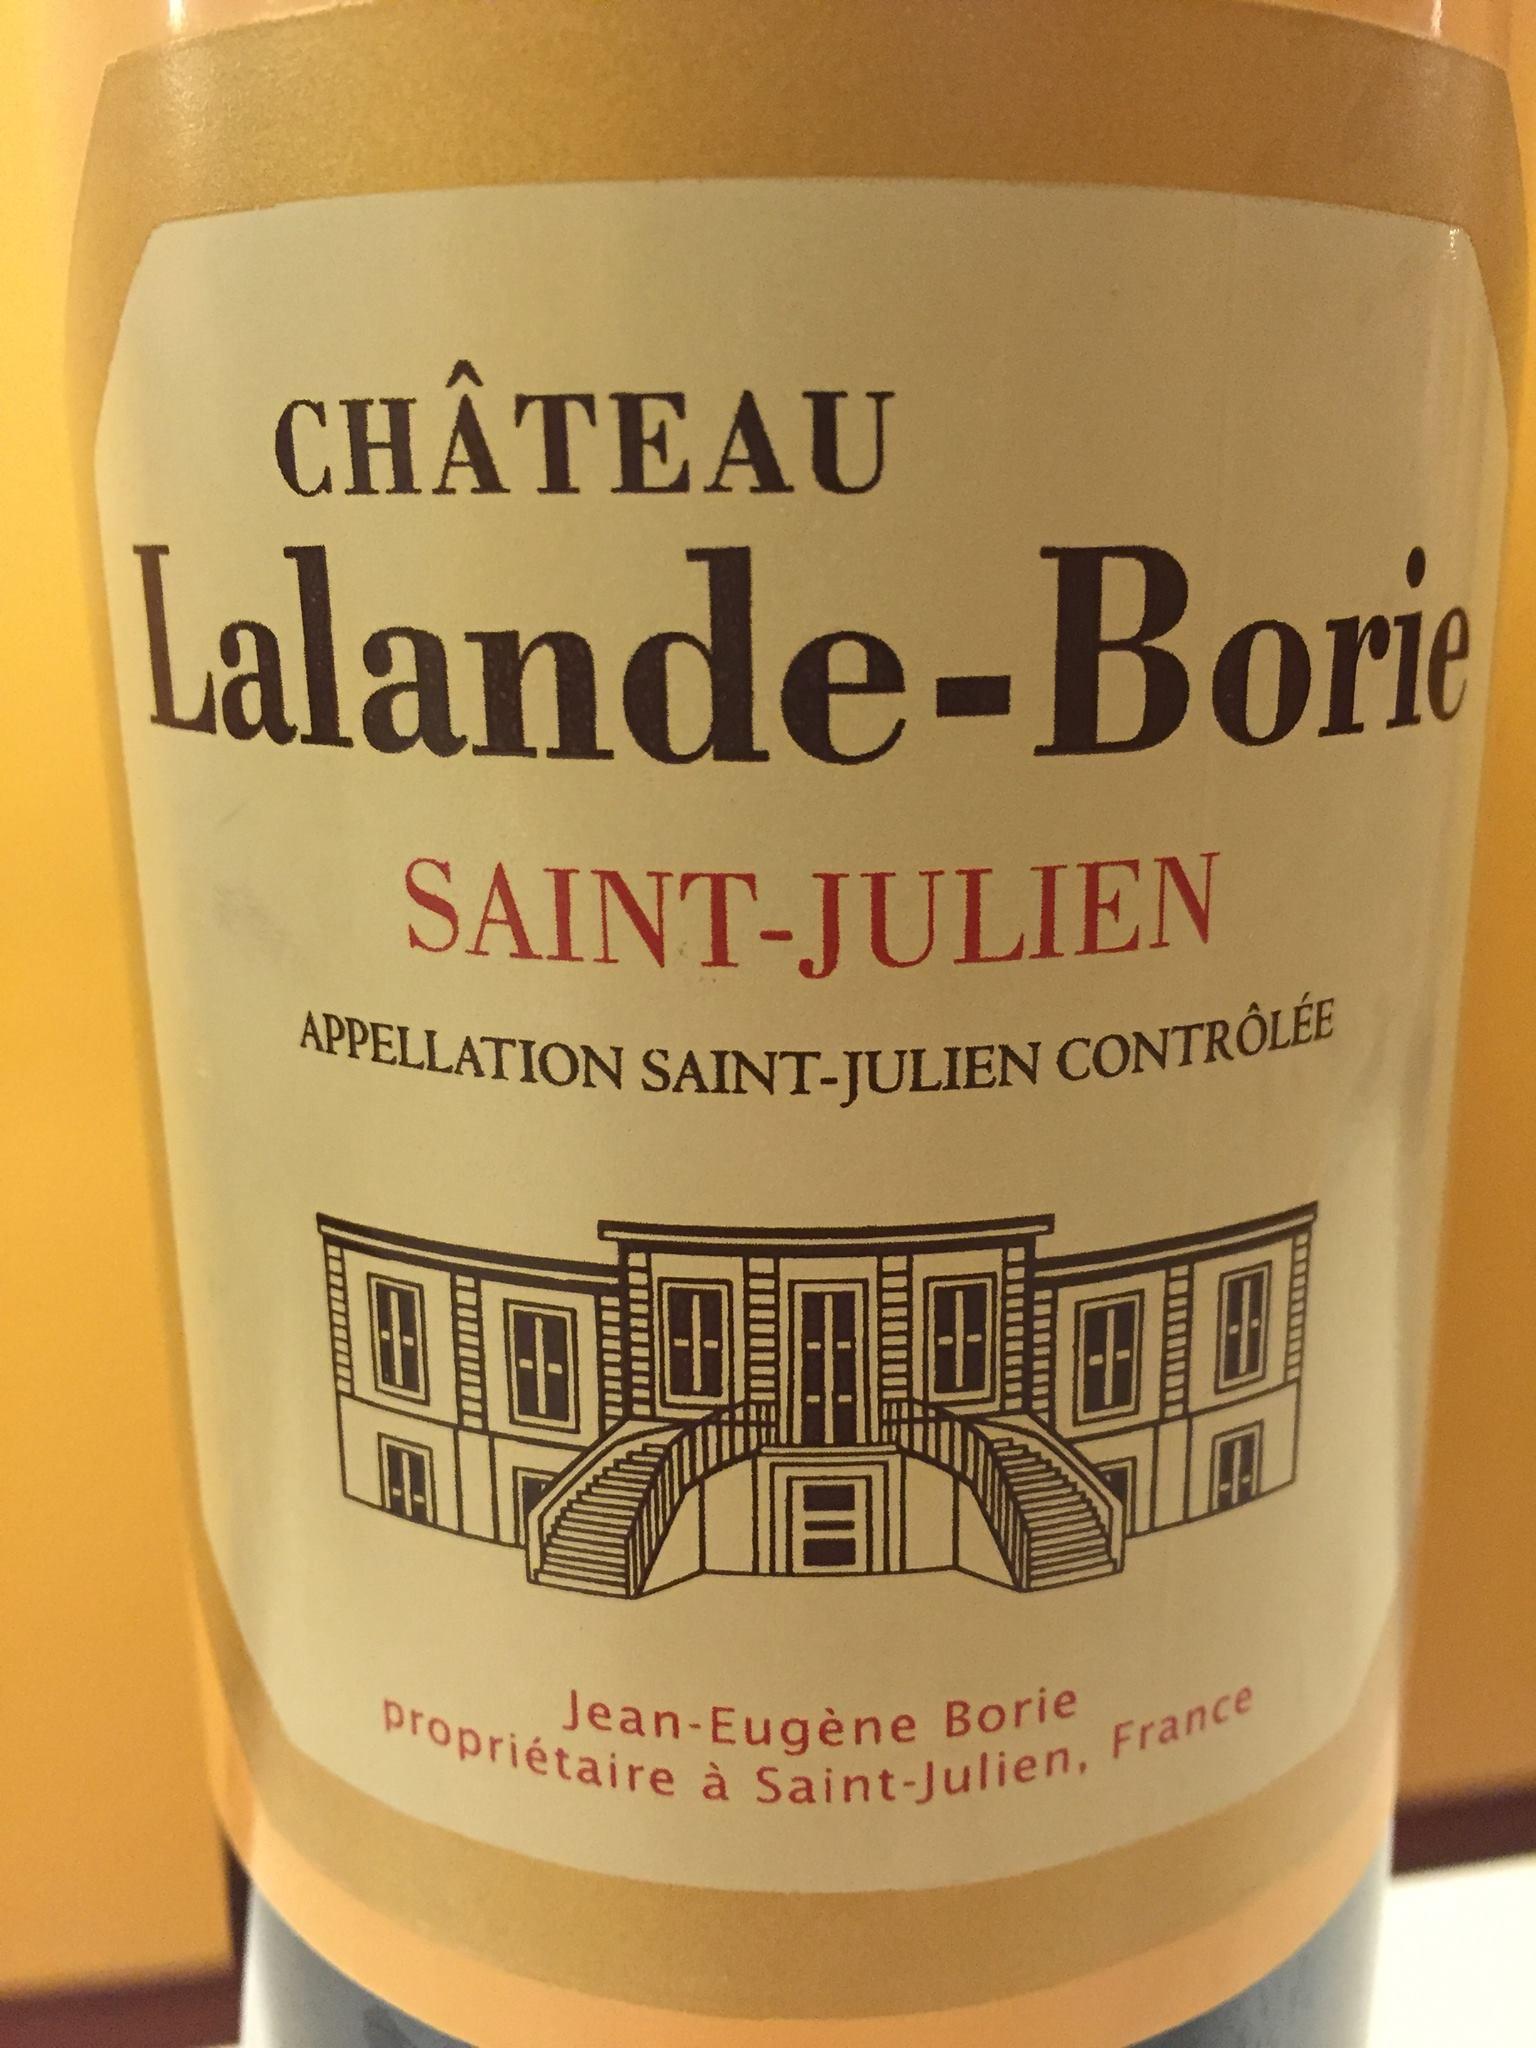 Château Lalande-Borie 2015 – Saint-Julien